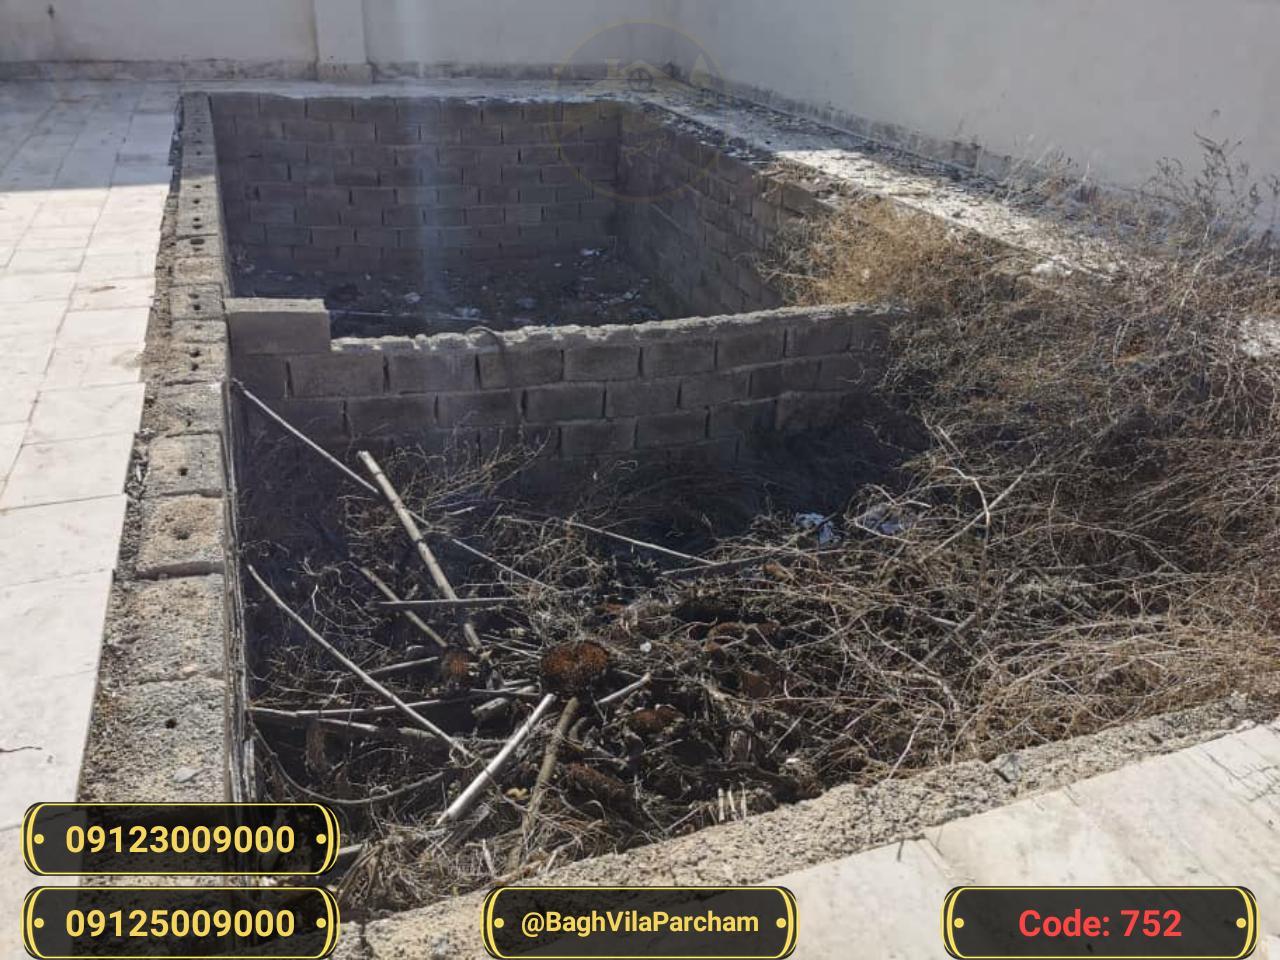 تصویر عکس باغ ویلا شماره 1 از ویلای ۱۰۵۰ متر ویلا کلاسیک Picture photo image 1 of ۱۰۵۰ متر ویلا کلاسیک